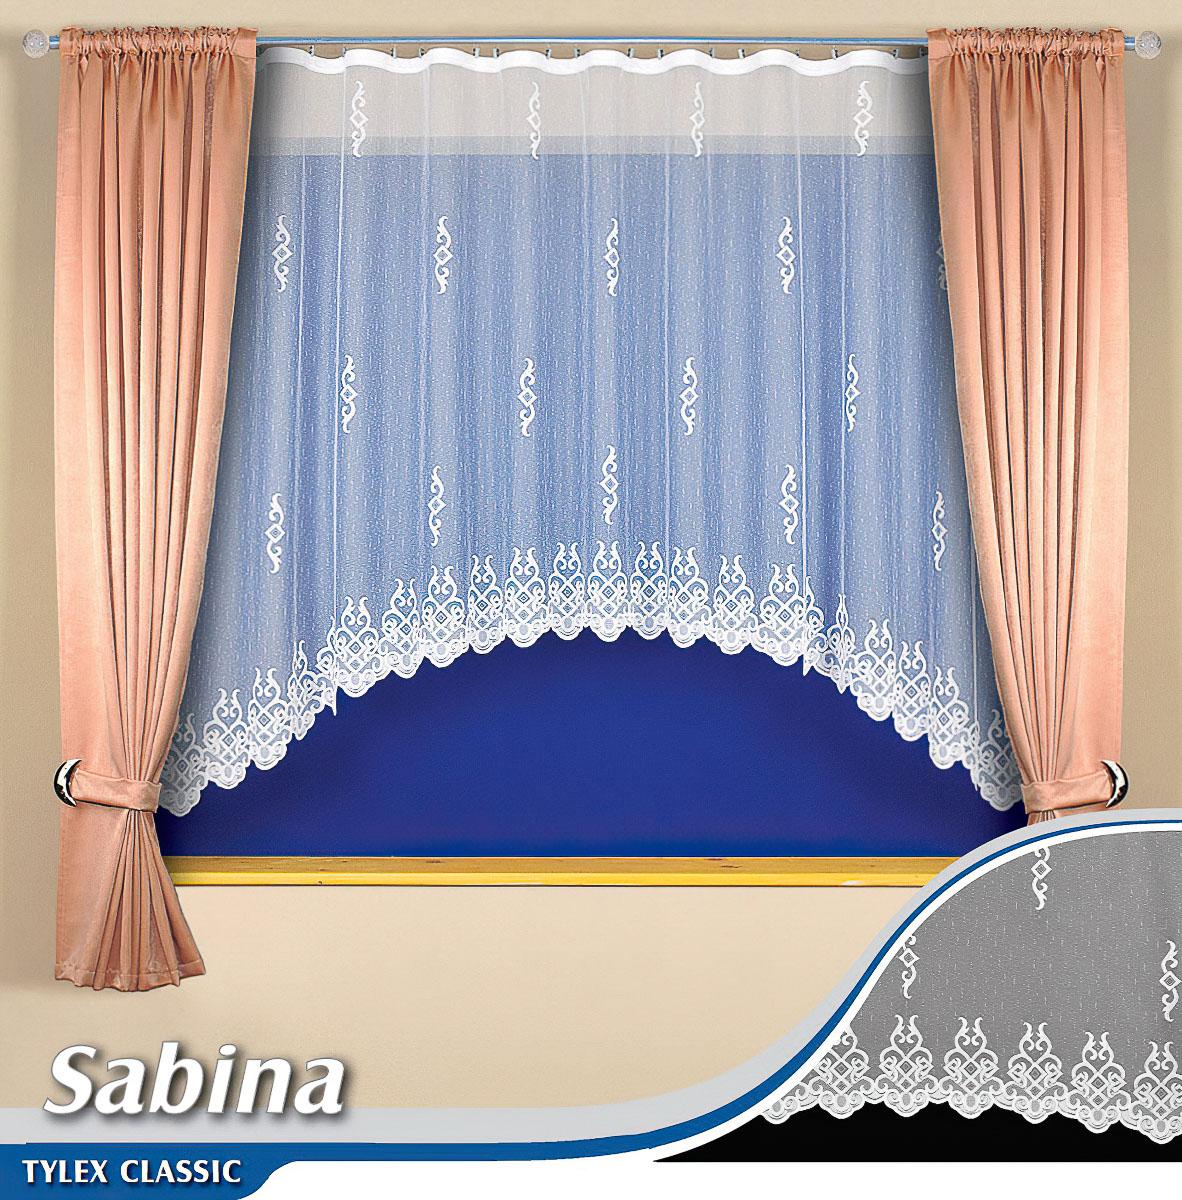 Tylex kusová záclona SABINA K7143 jednobarevná bílá, výška 160 cm x šířka 280 cm (na okno)